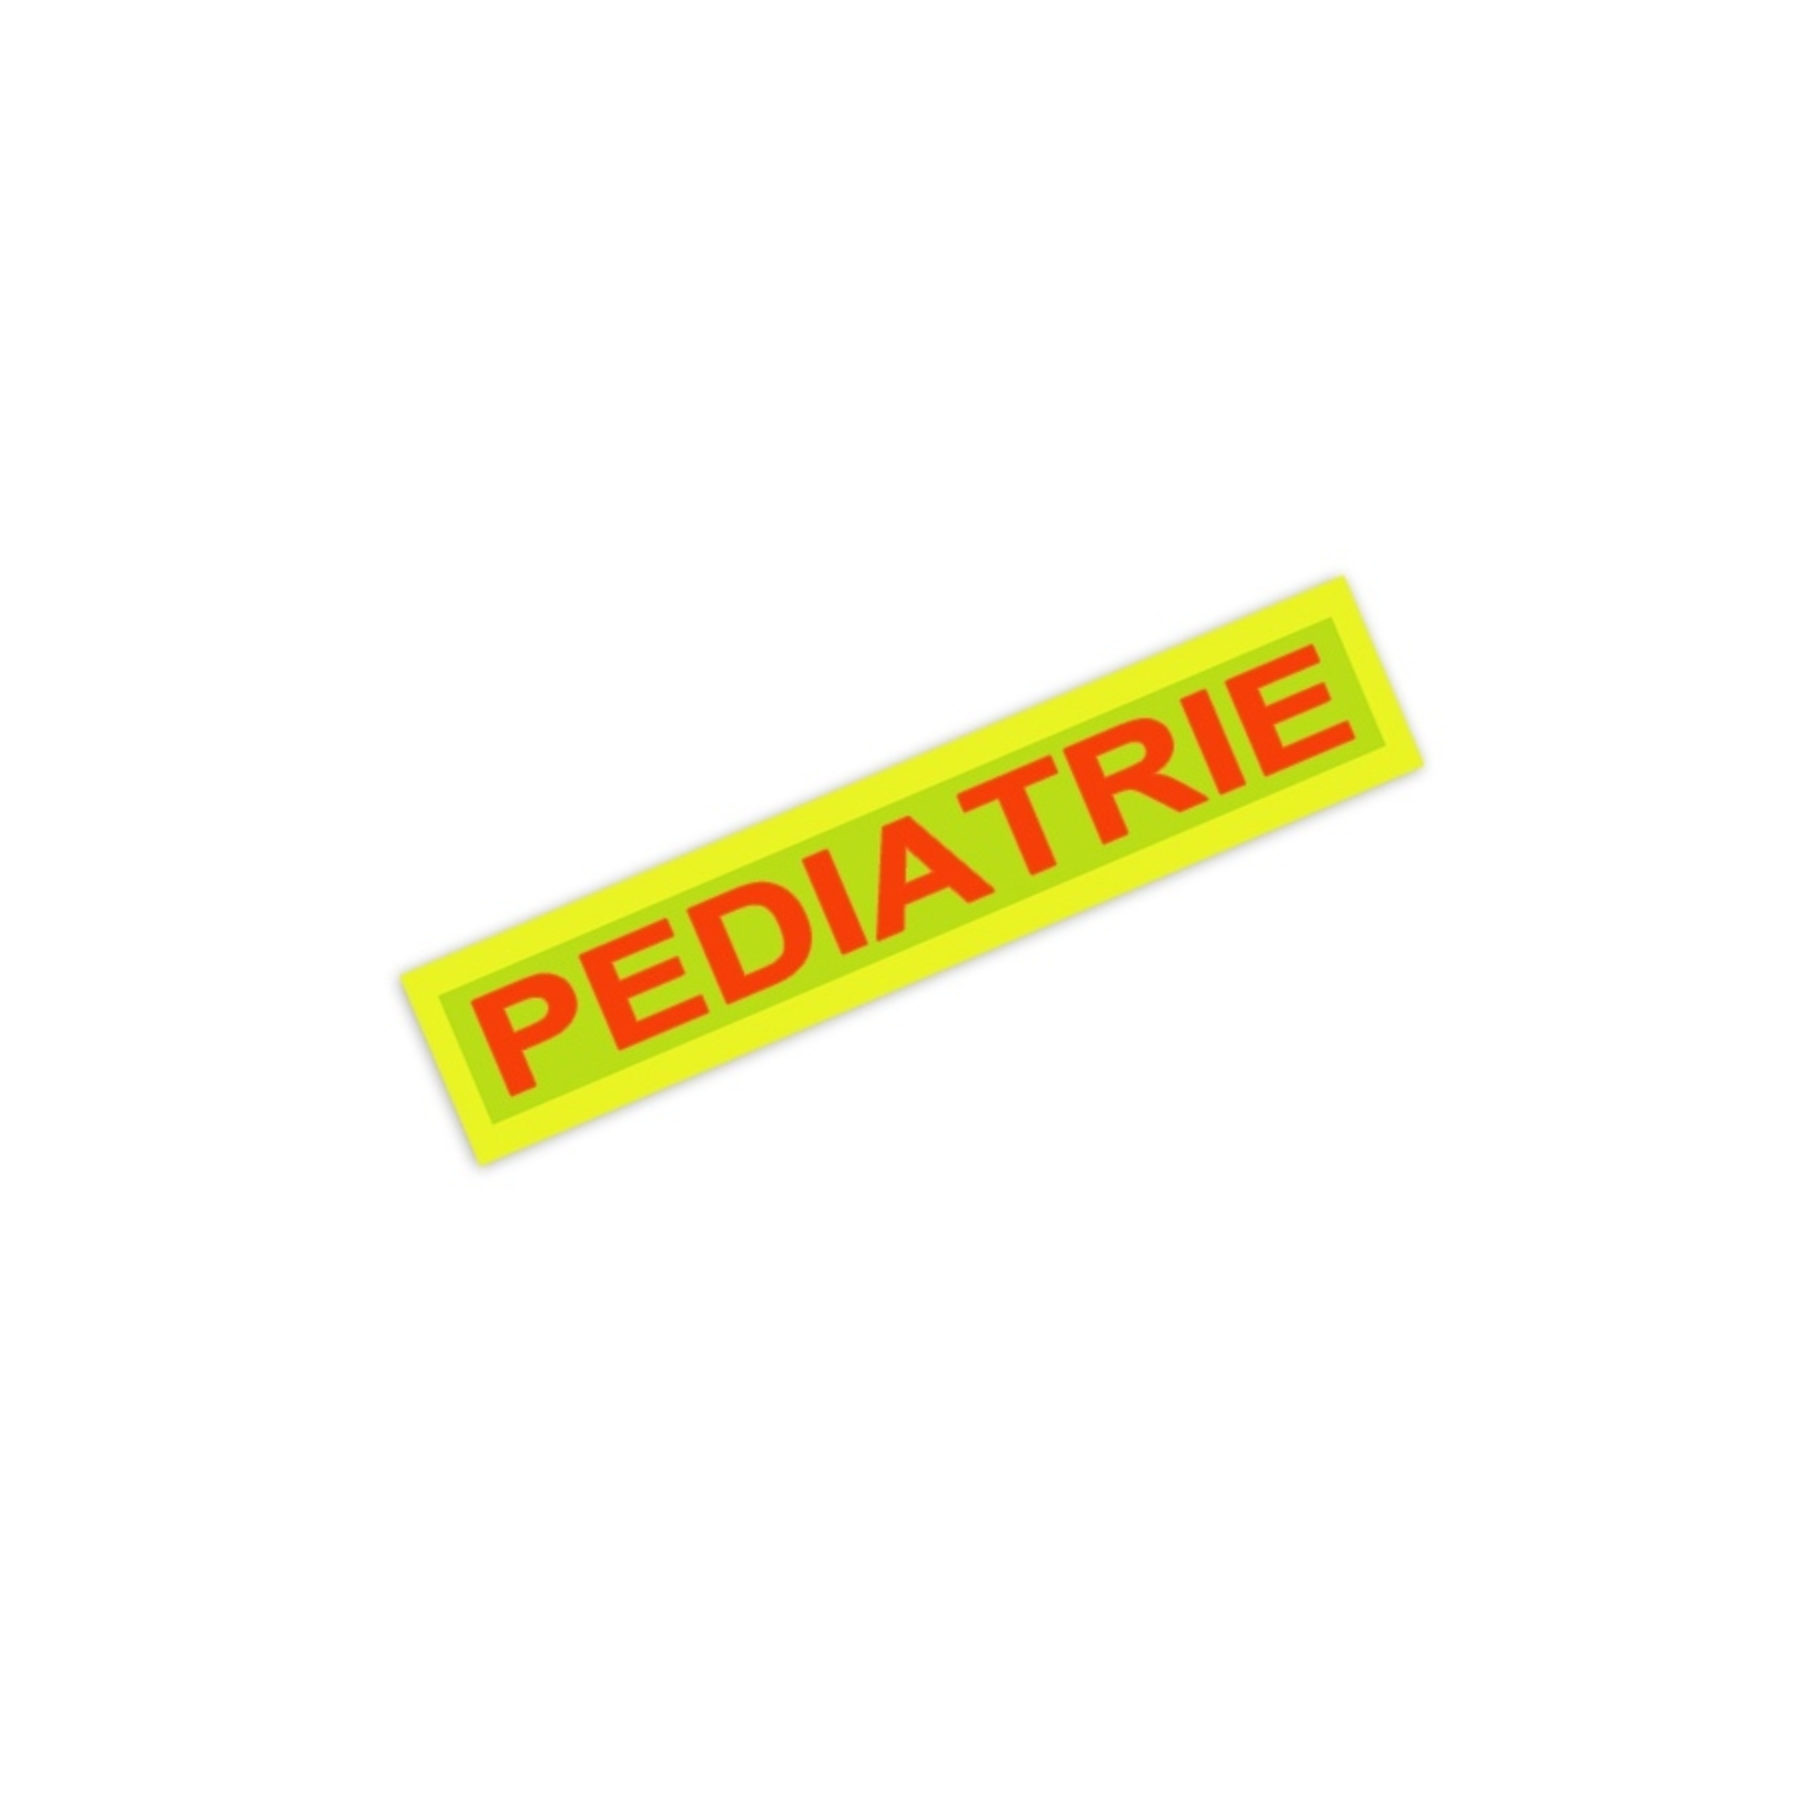 Barrette PEDIATRIE